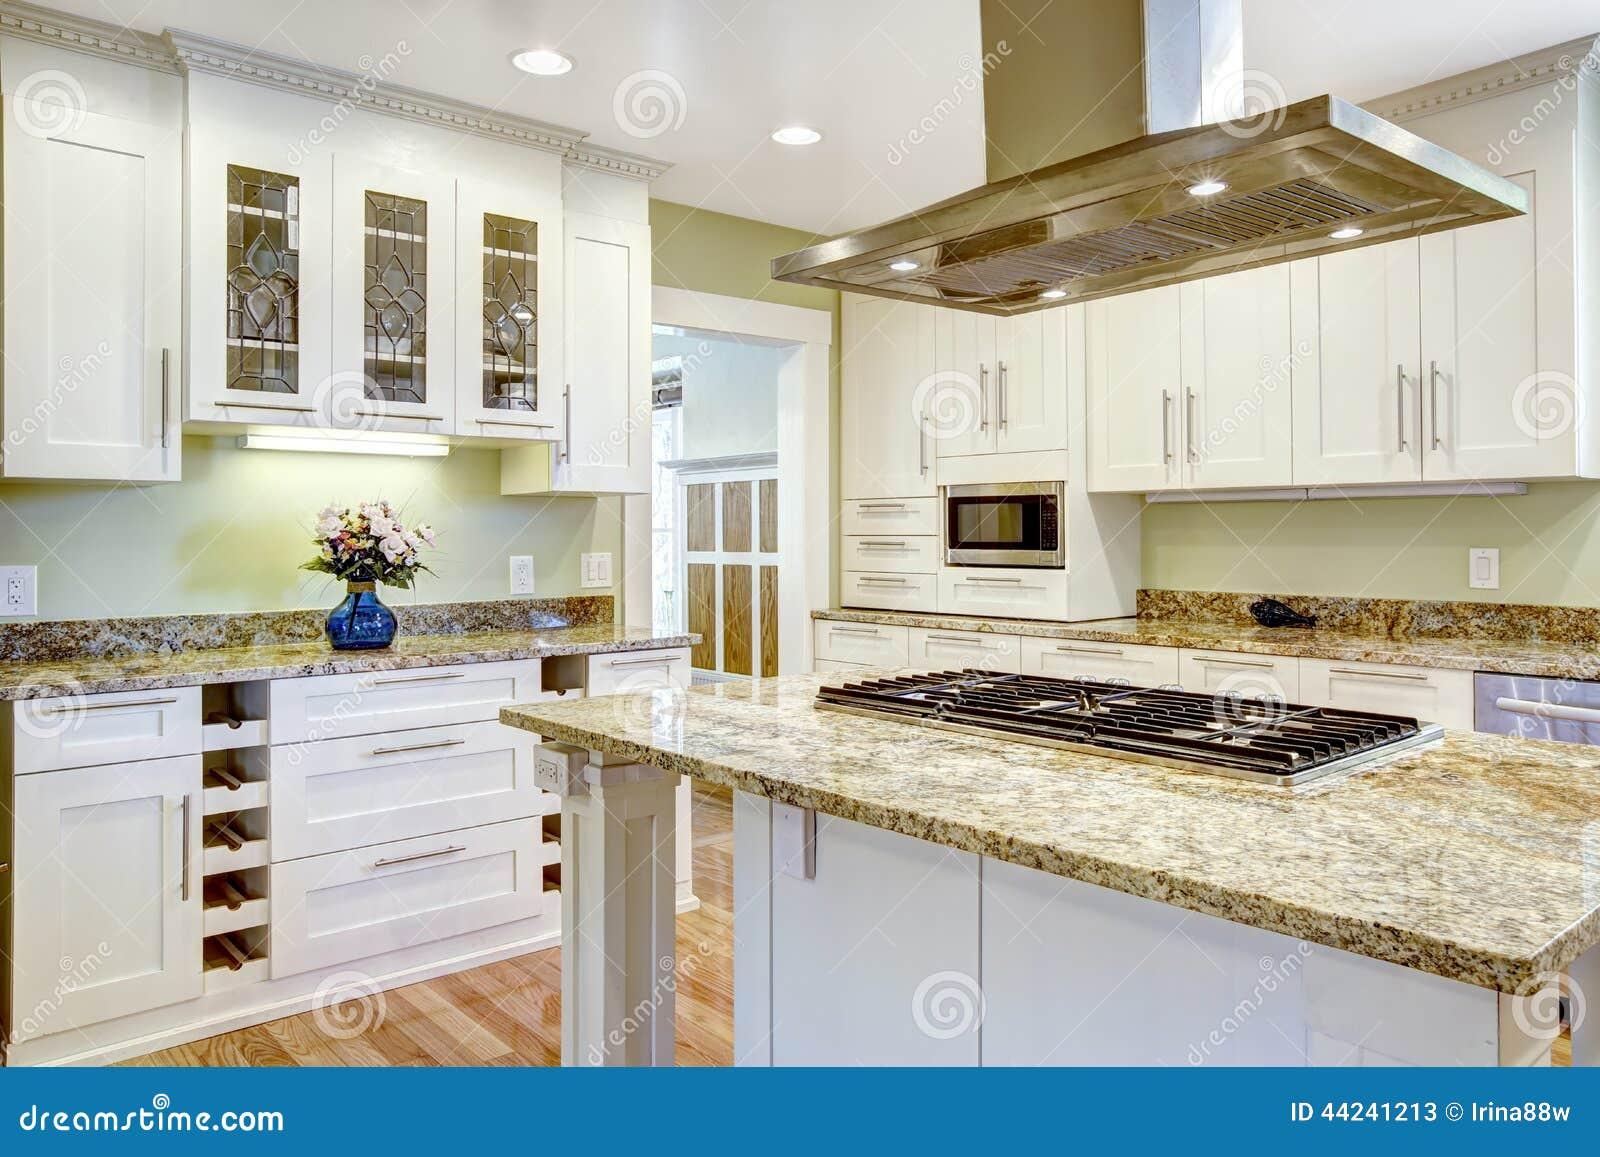 Le de cuisine avec le fourneau int gr le dessus de granit et le capot phot - Cuisine avec presqu ile ...